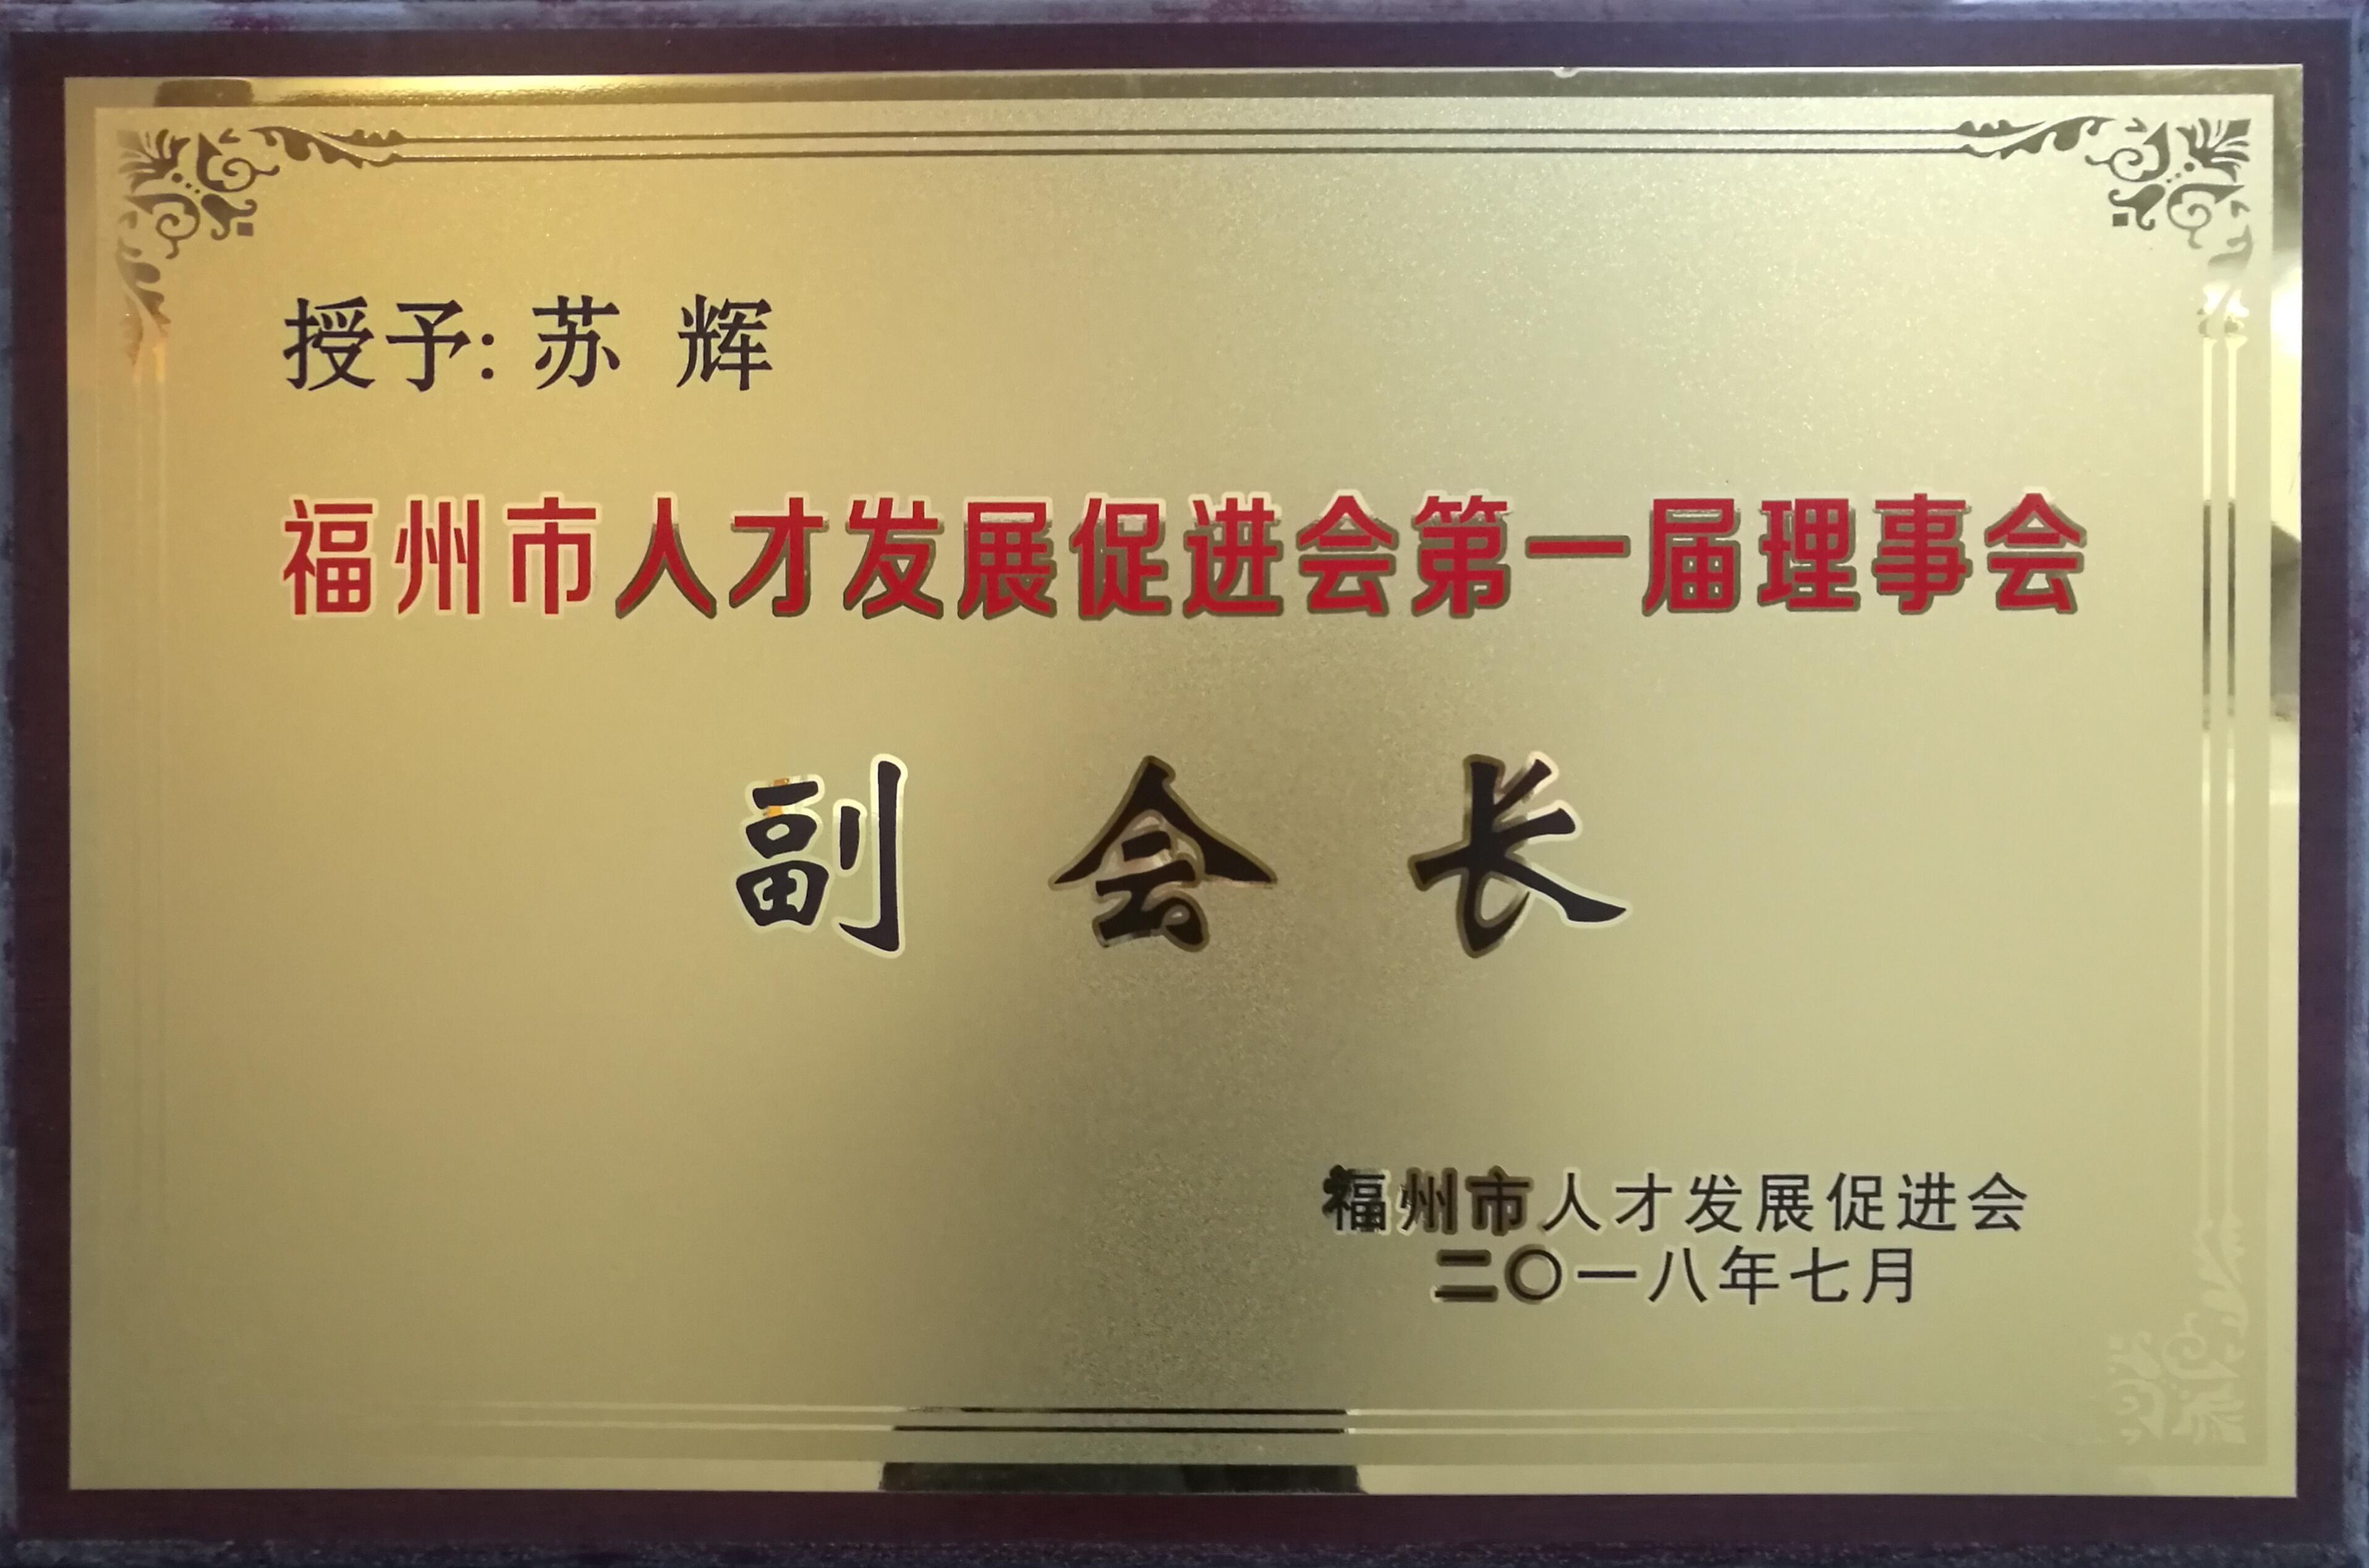 福州市人才發展促進會第一屆理事會副會長-蘇輝